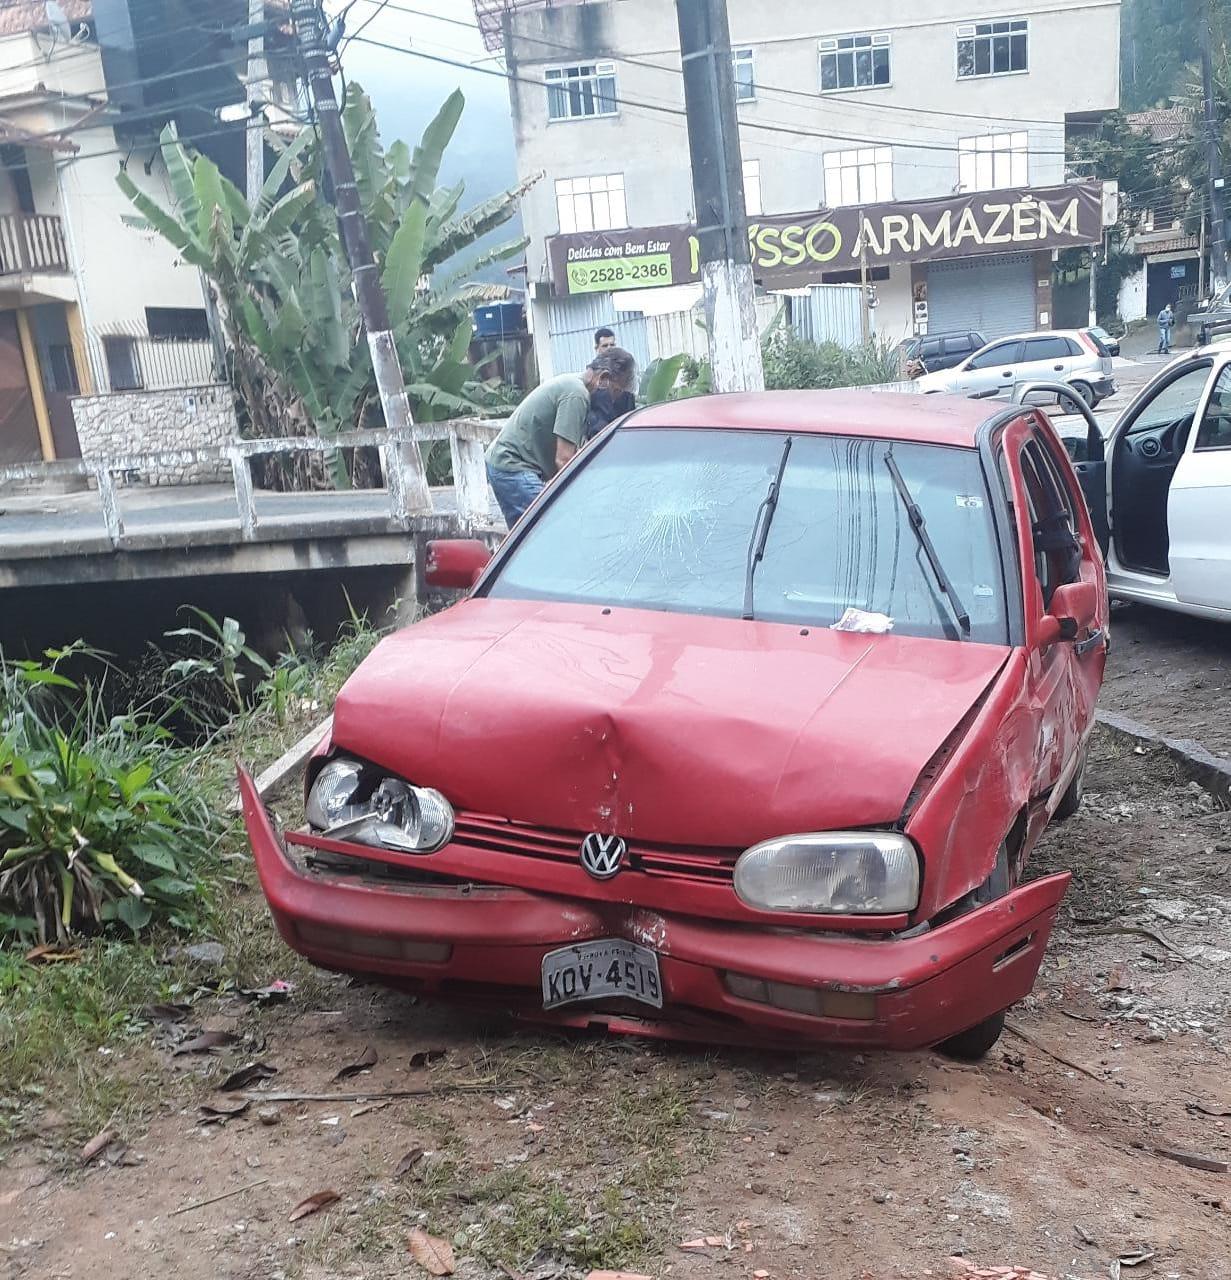 Um dos carros envolvidos em um dos acidentes (Foto de leitor)